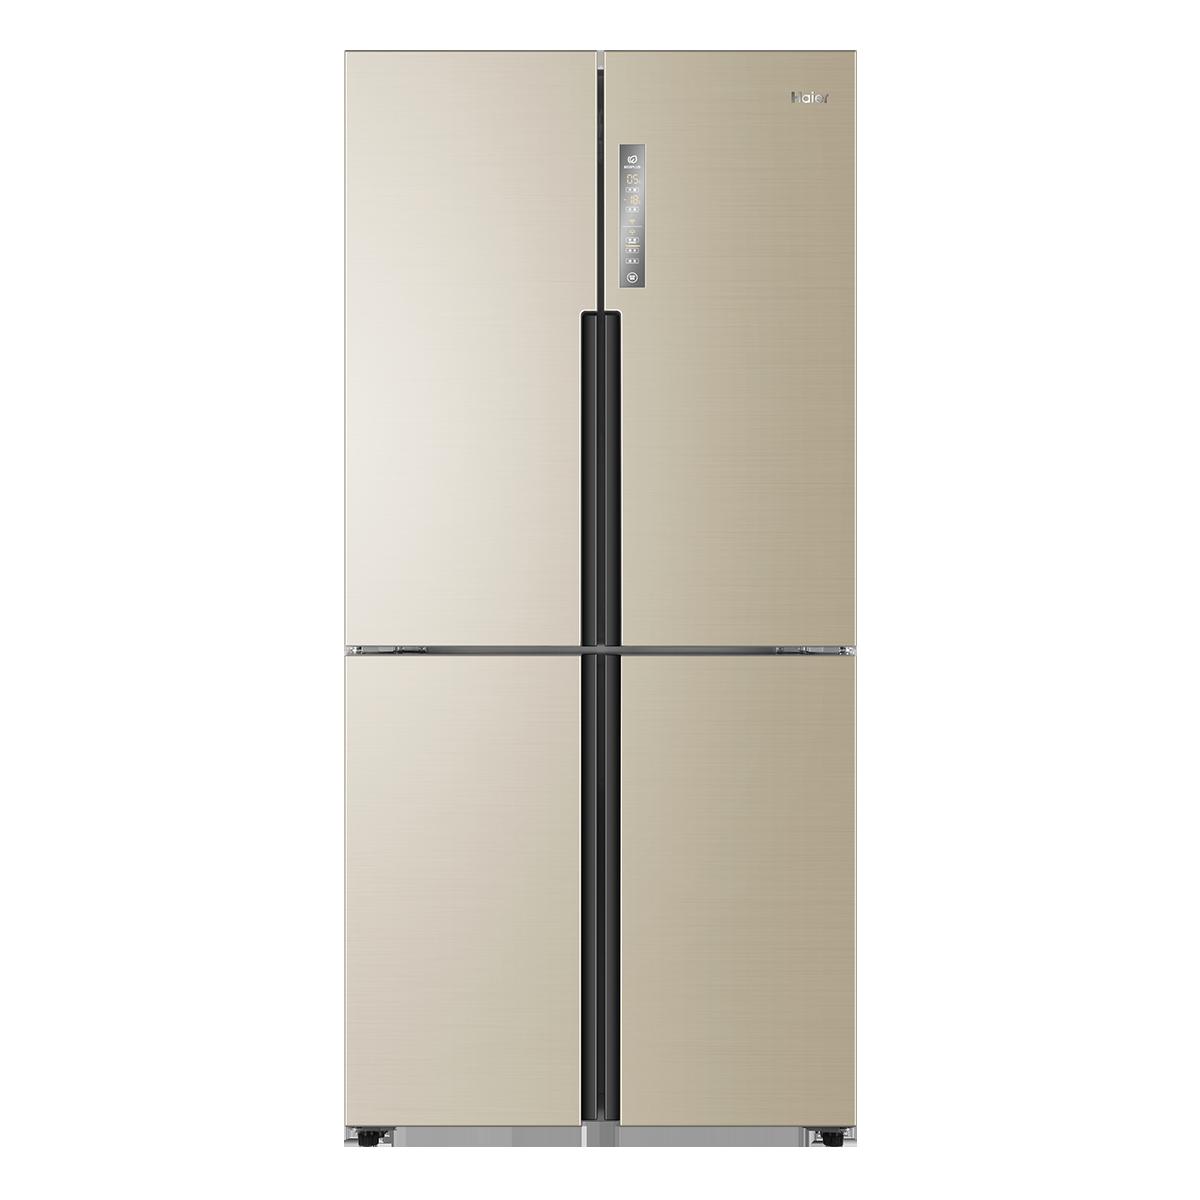 海尔Haier冰箱 BCD-531WDVLU1 说明书